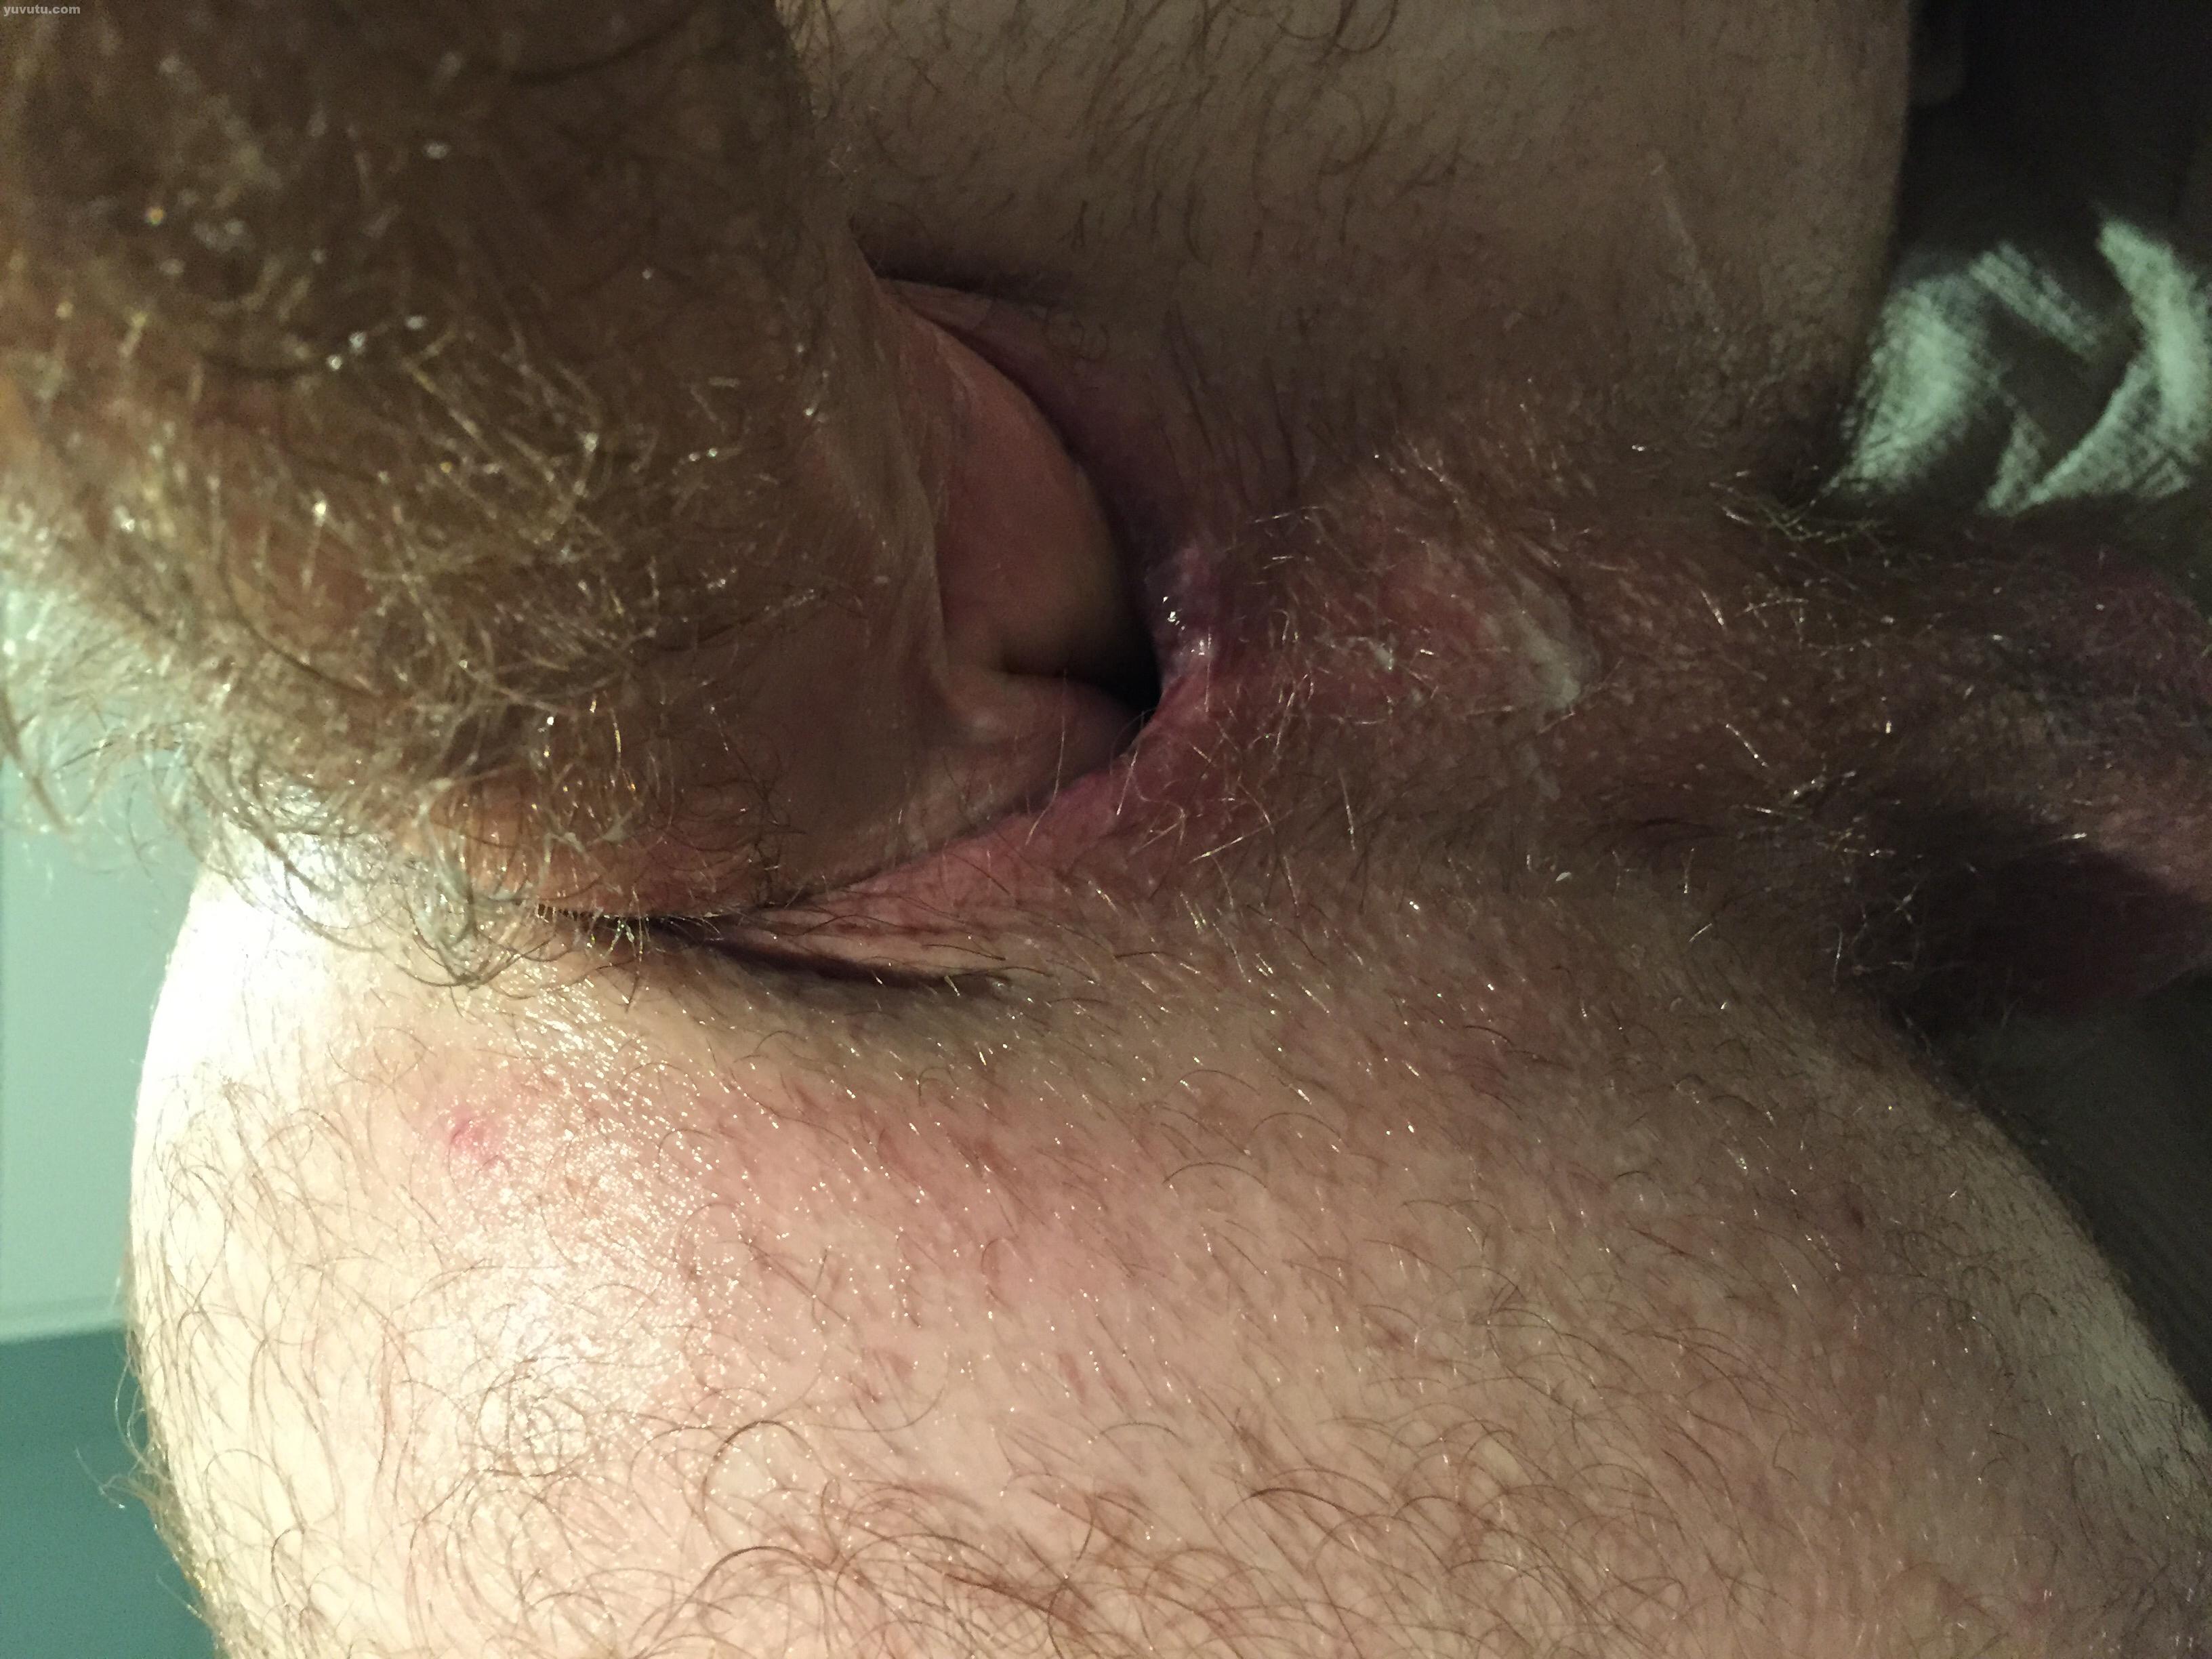 Yuvutu fisting anal